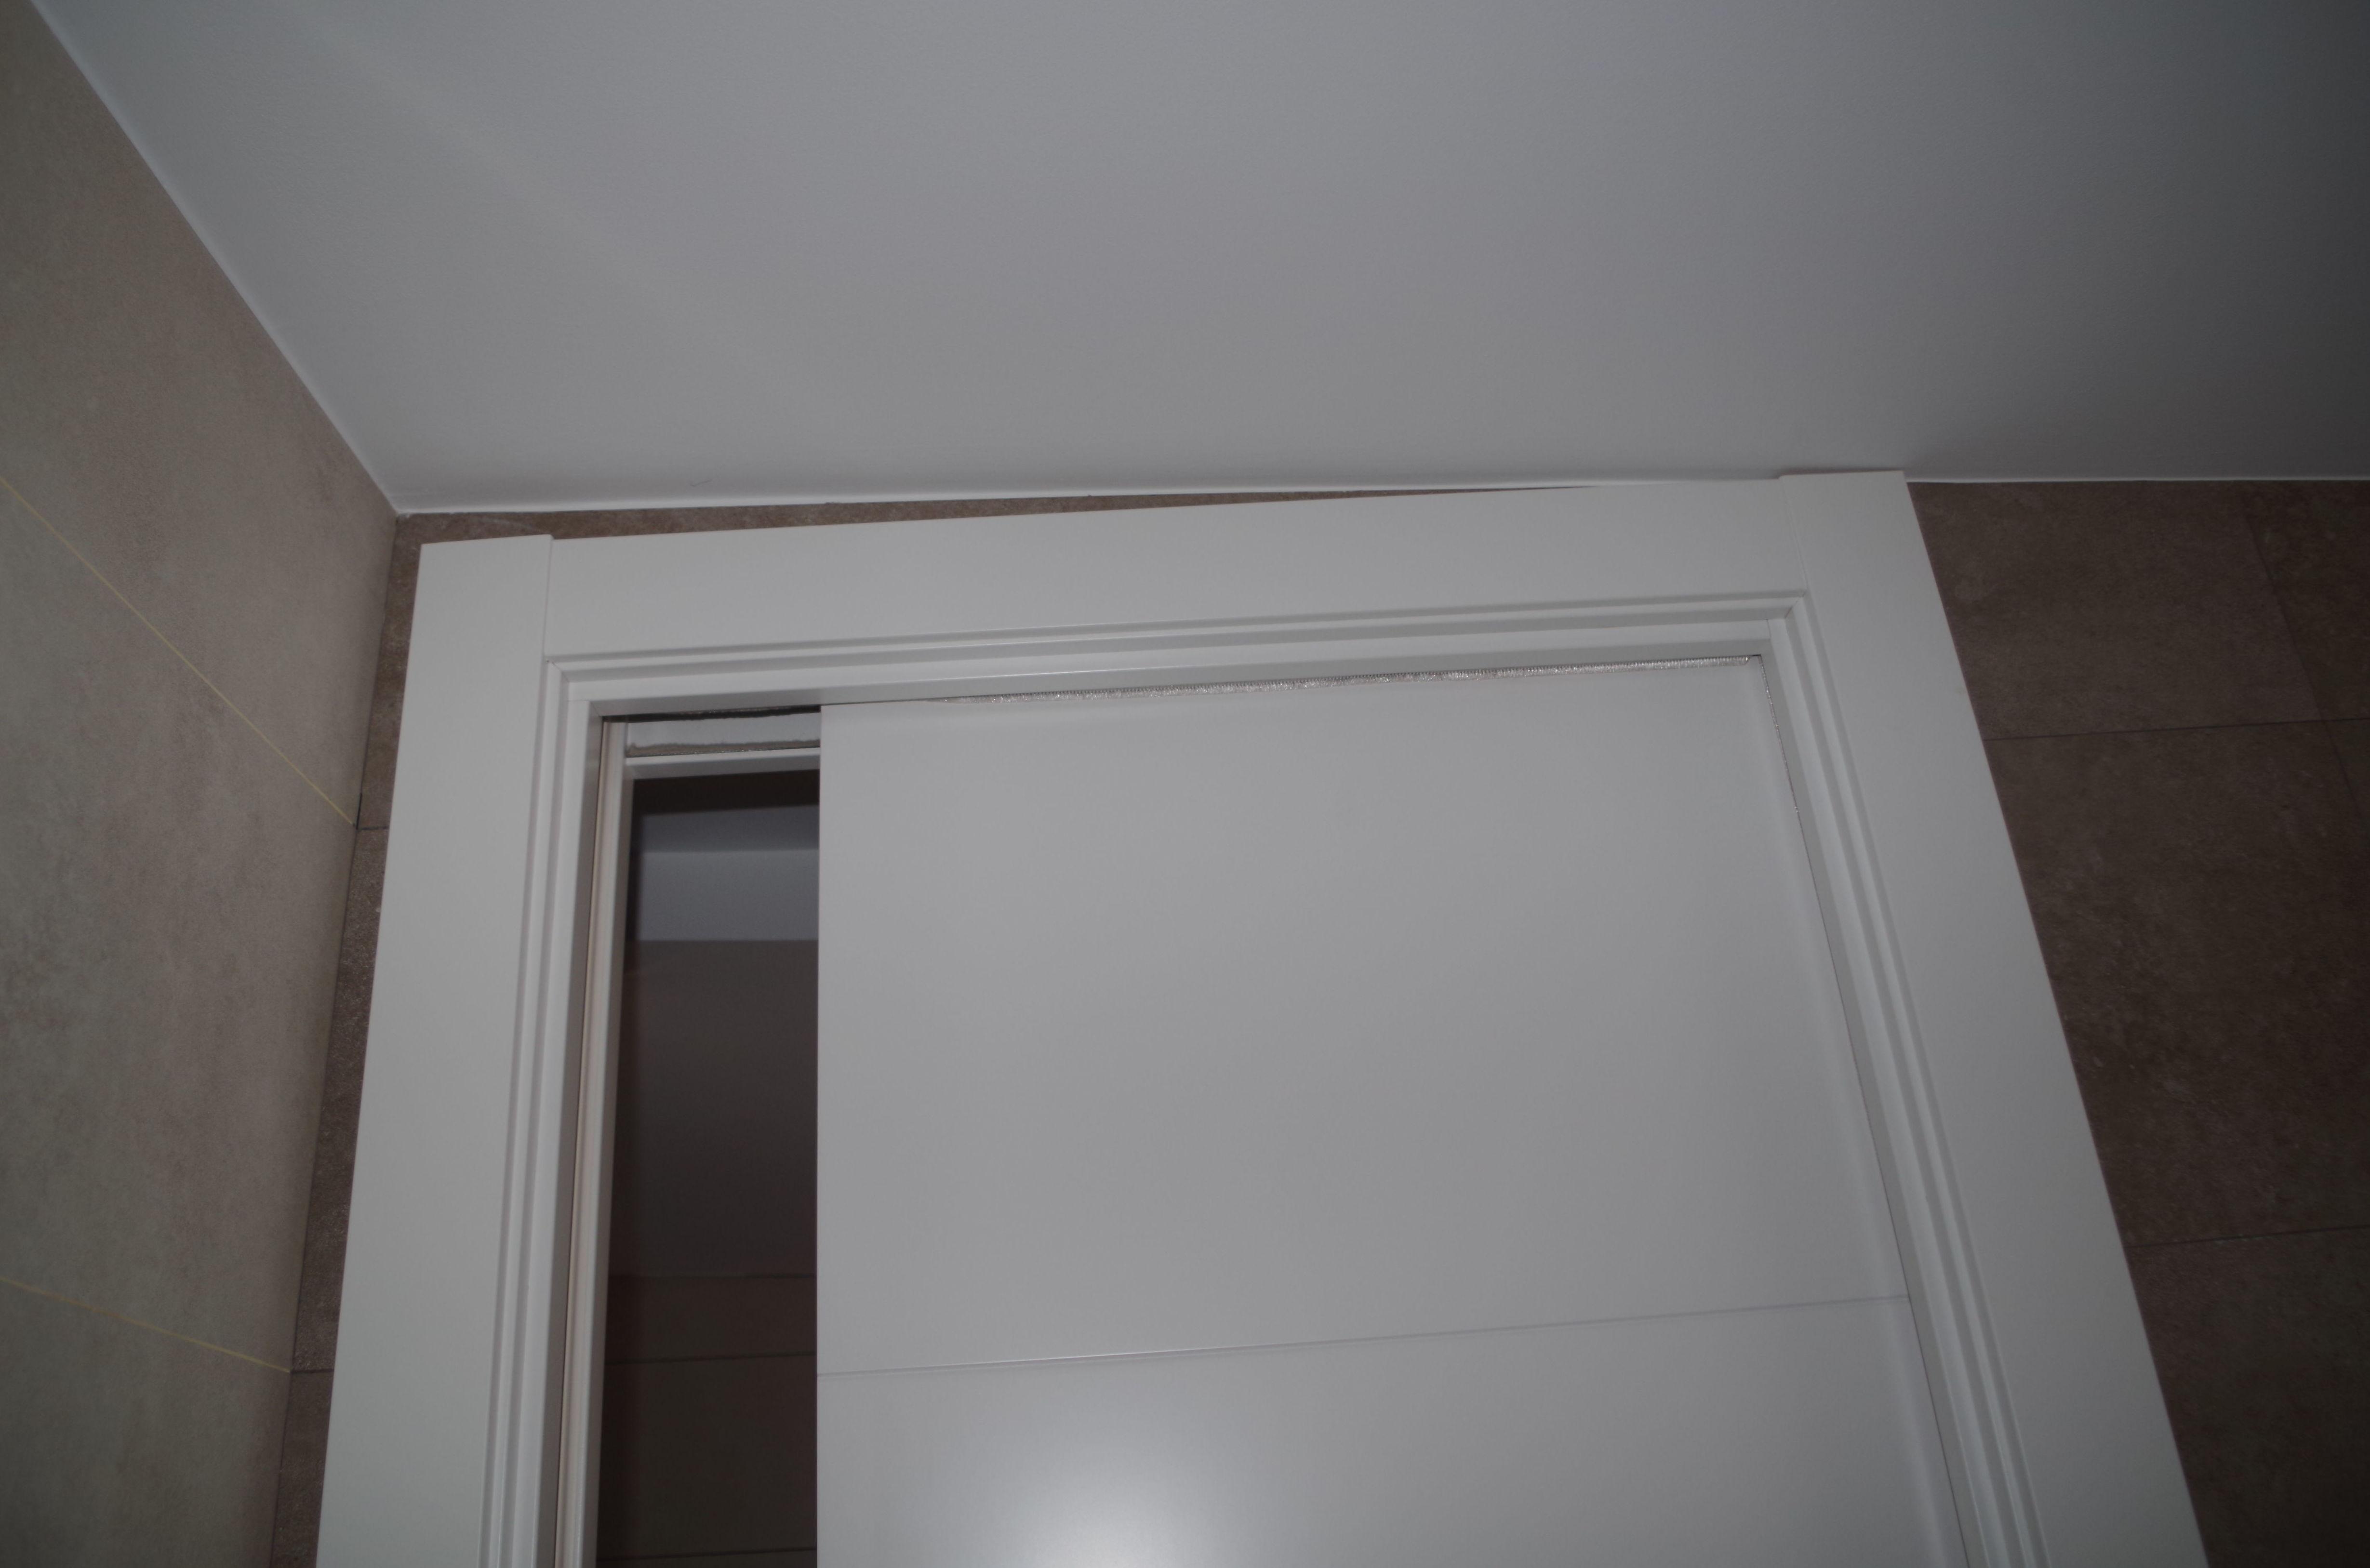 Puertas correderas sistema oculto - Sistema puerta corredera ...